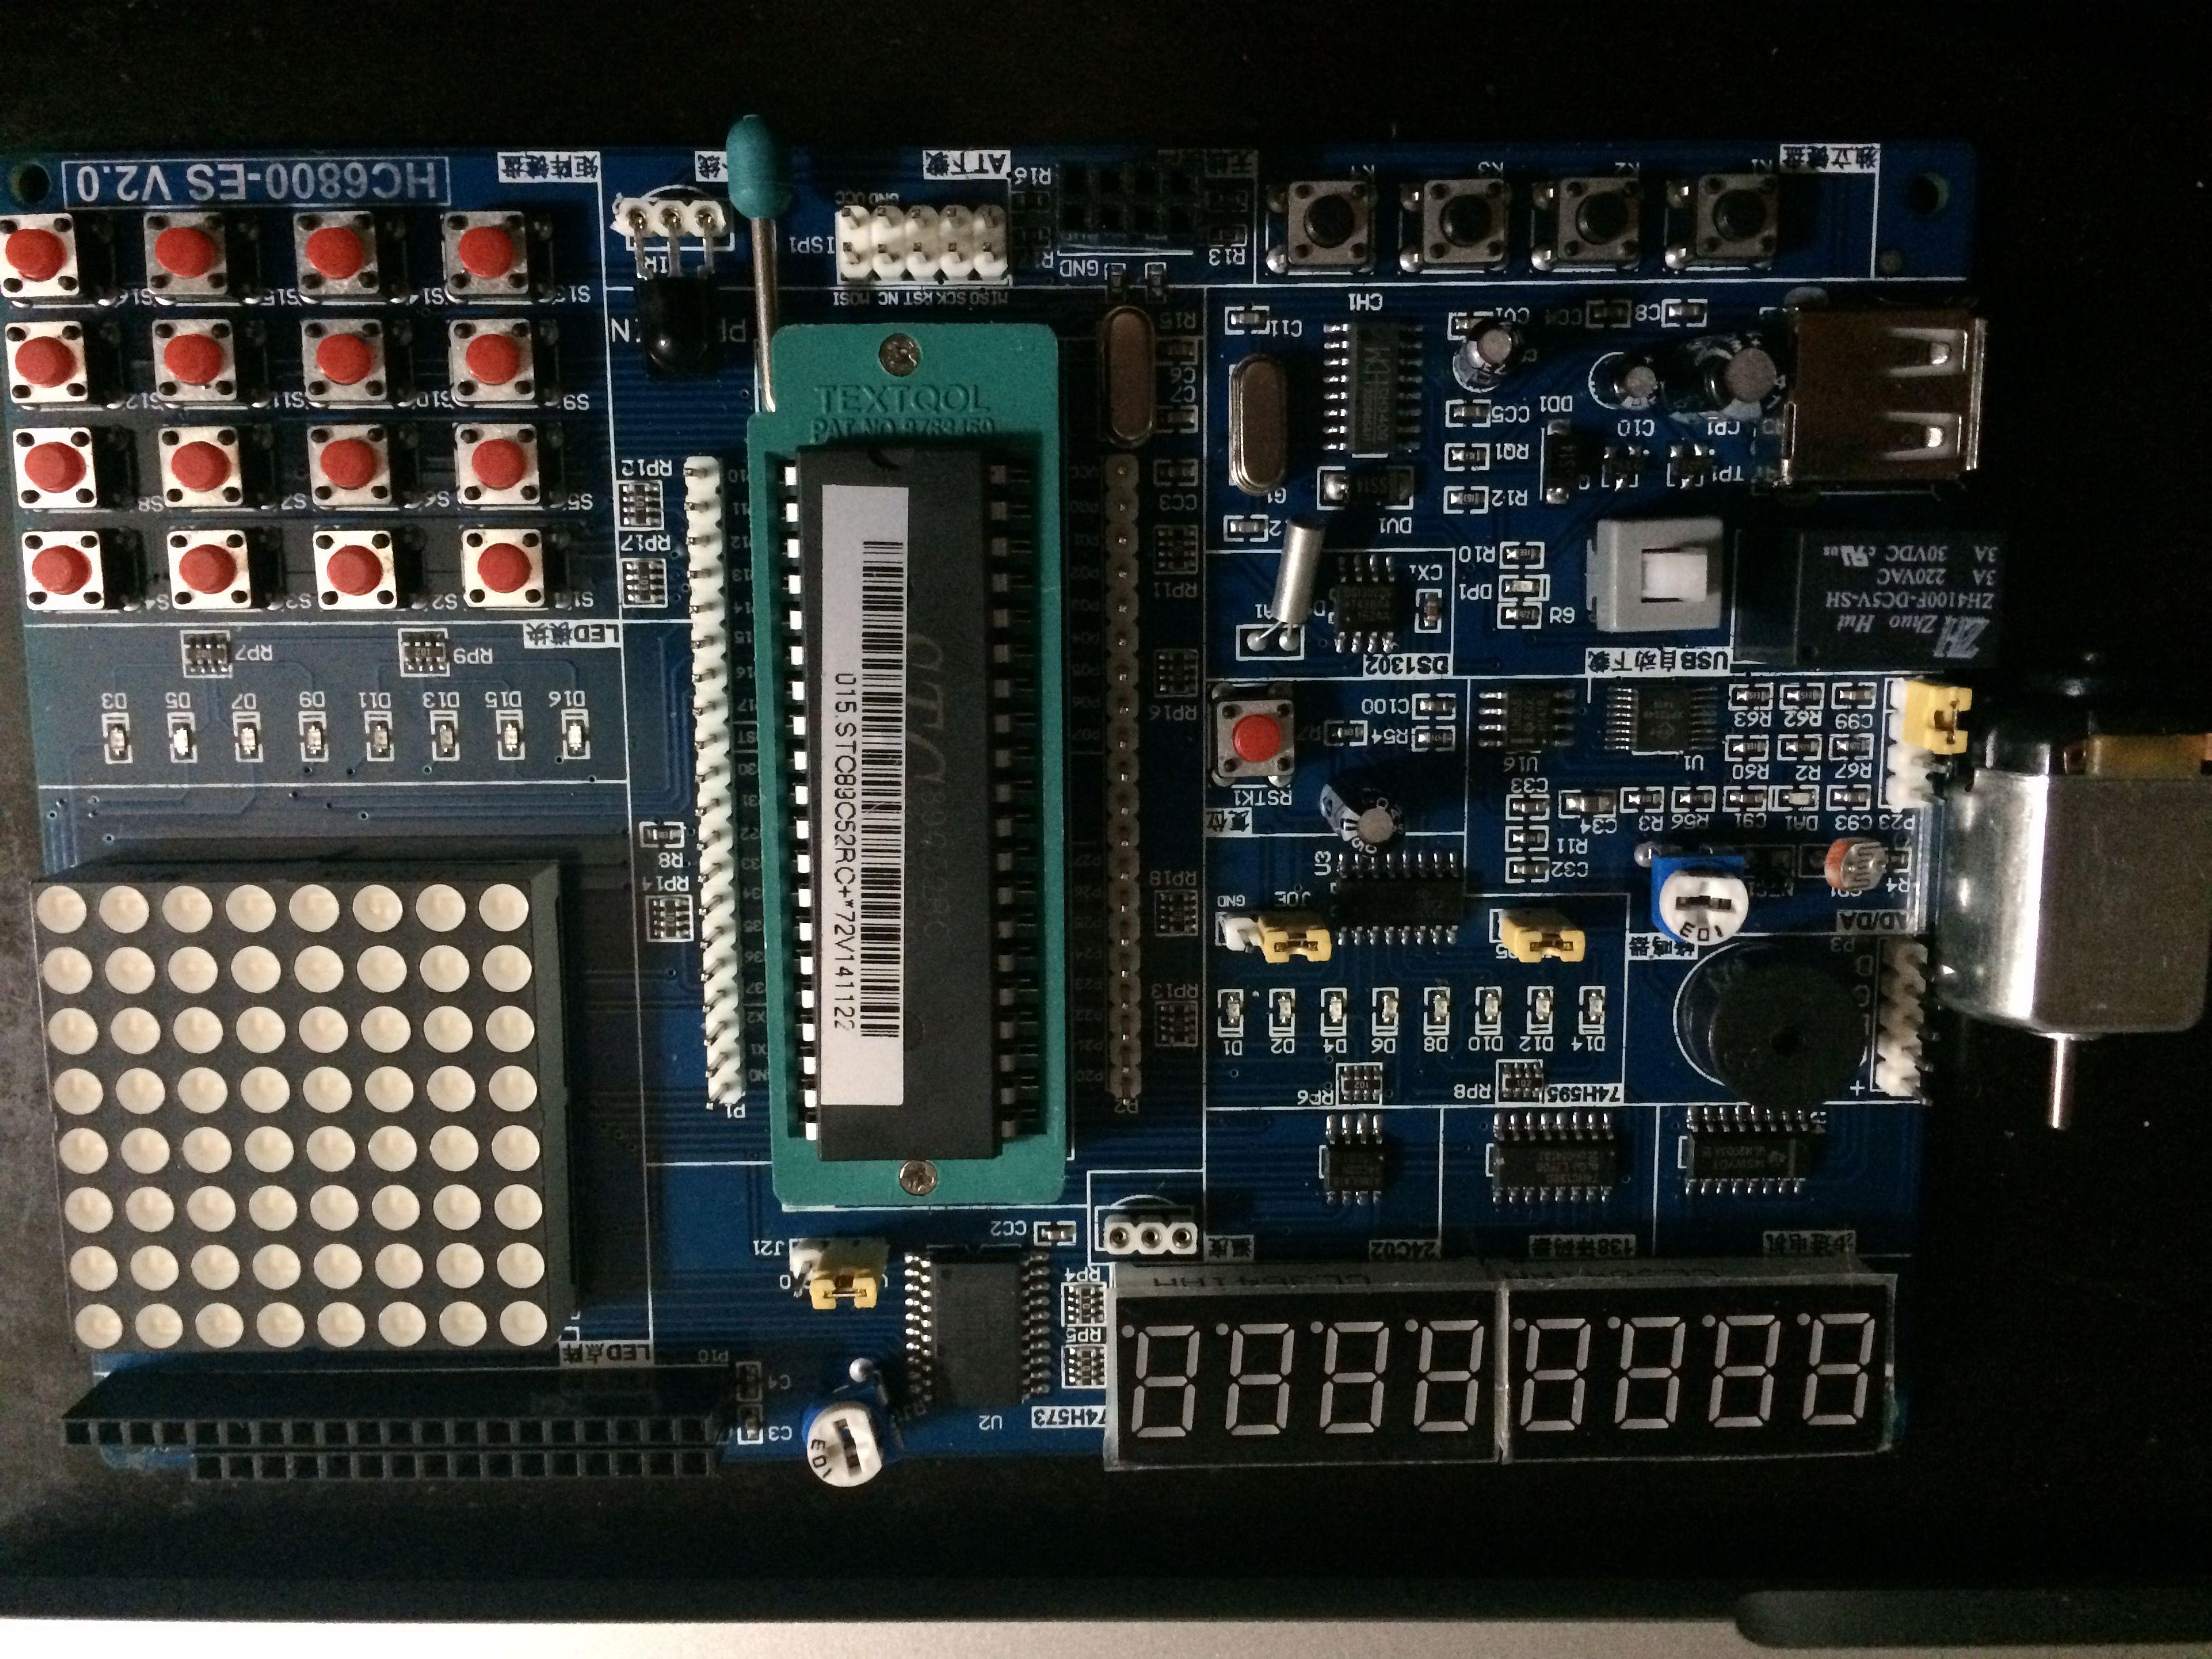 51单片机电机_51单片机开发板如何驱动直流电机_百度知道